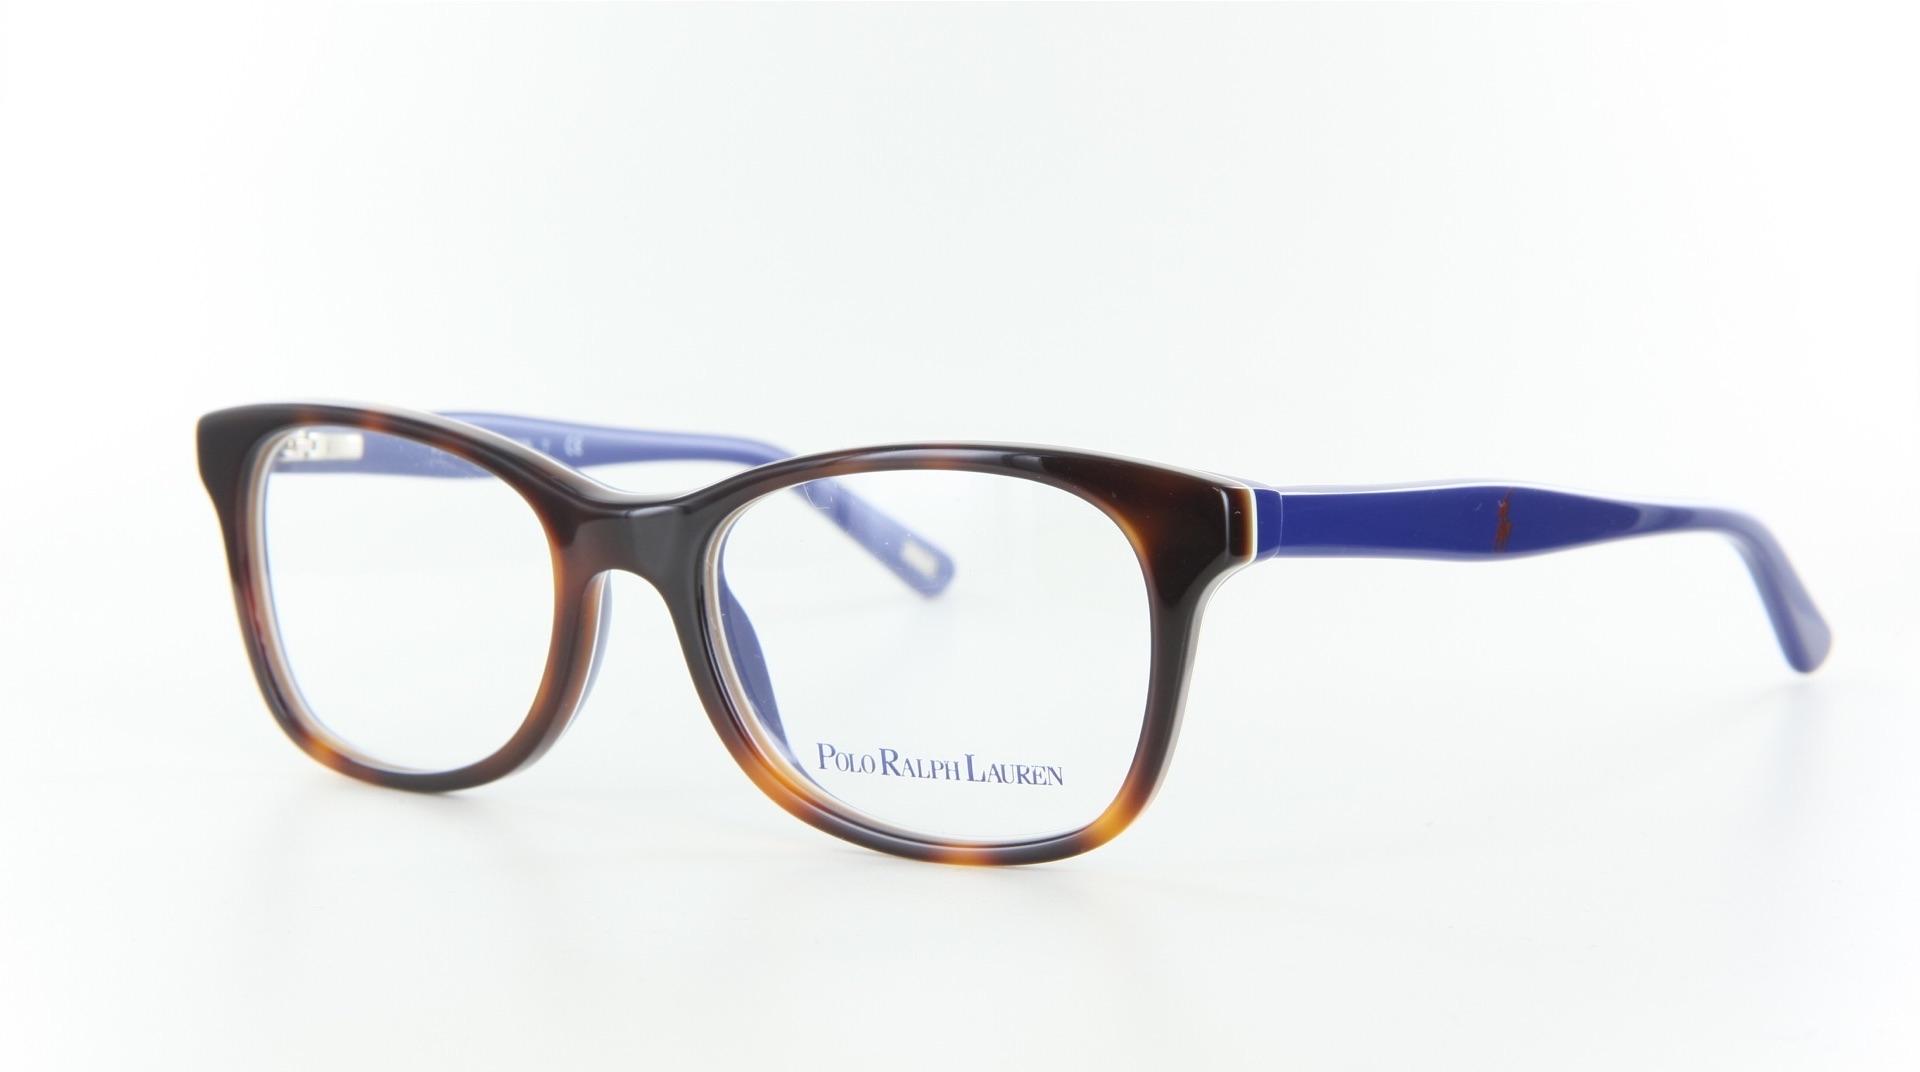 Polo Ralph Lauren - ref: 74295